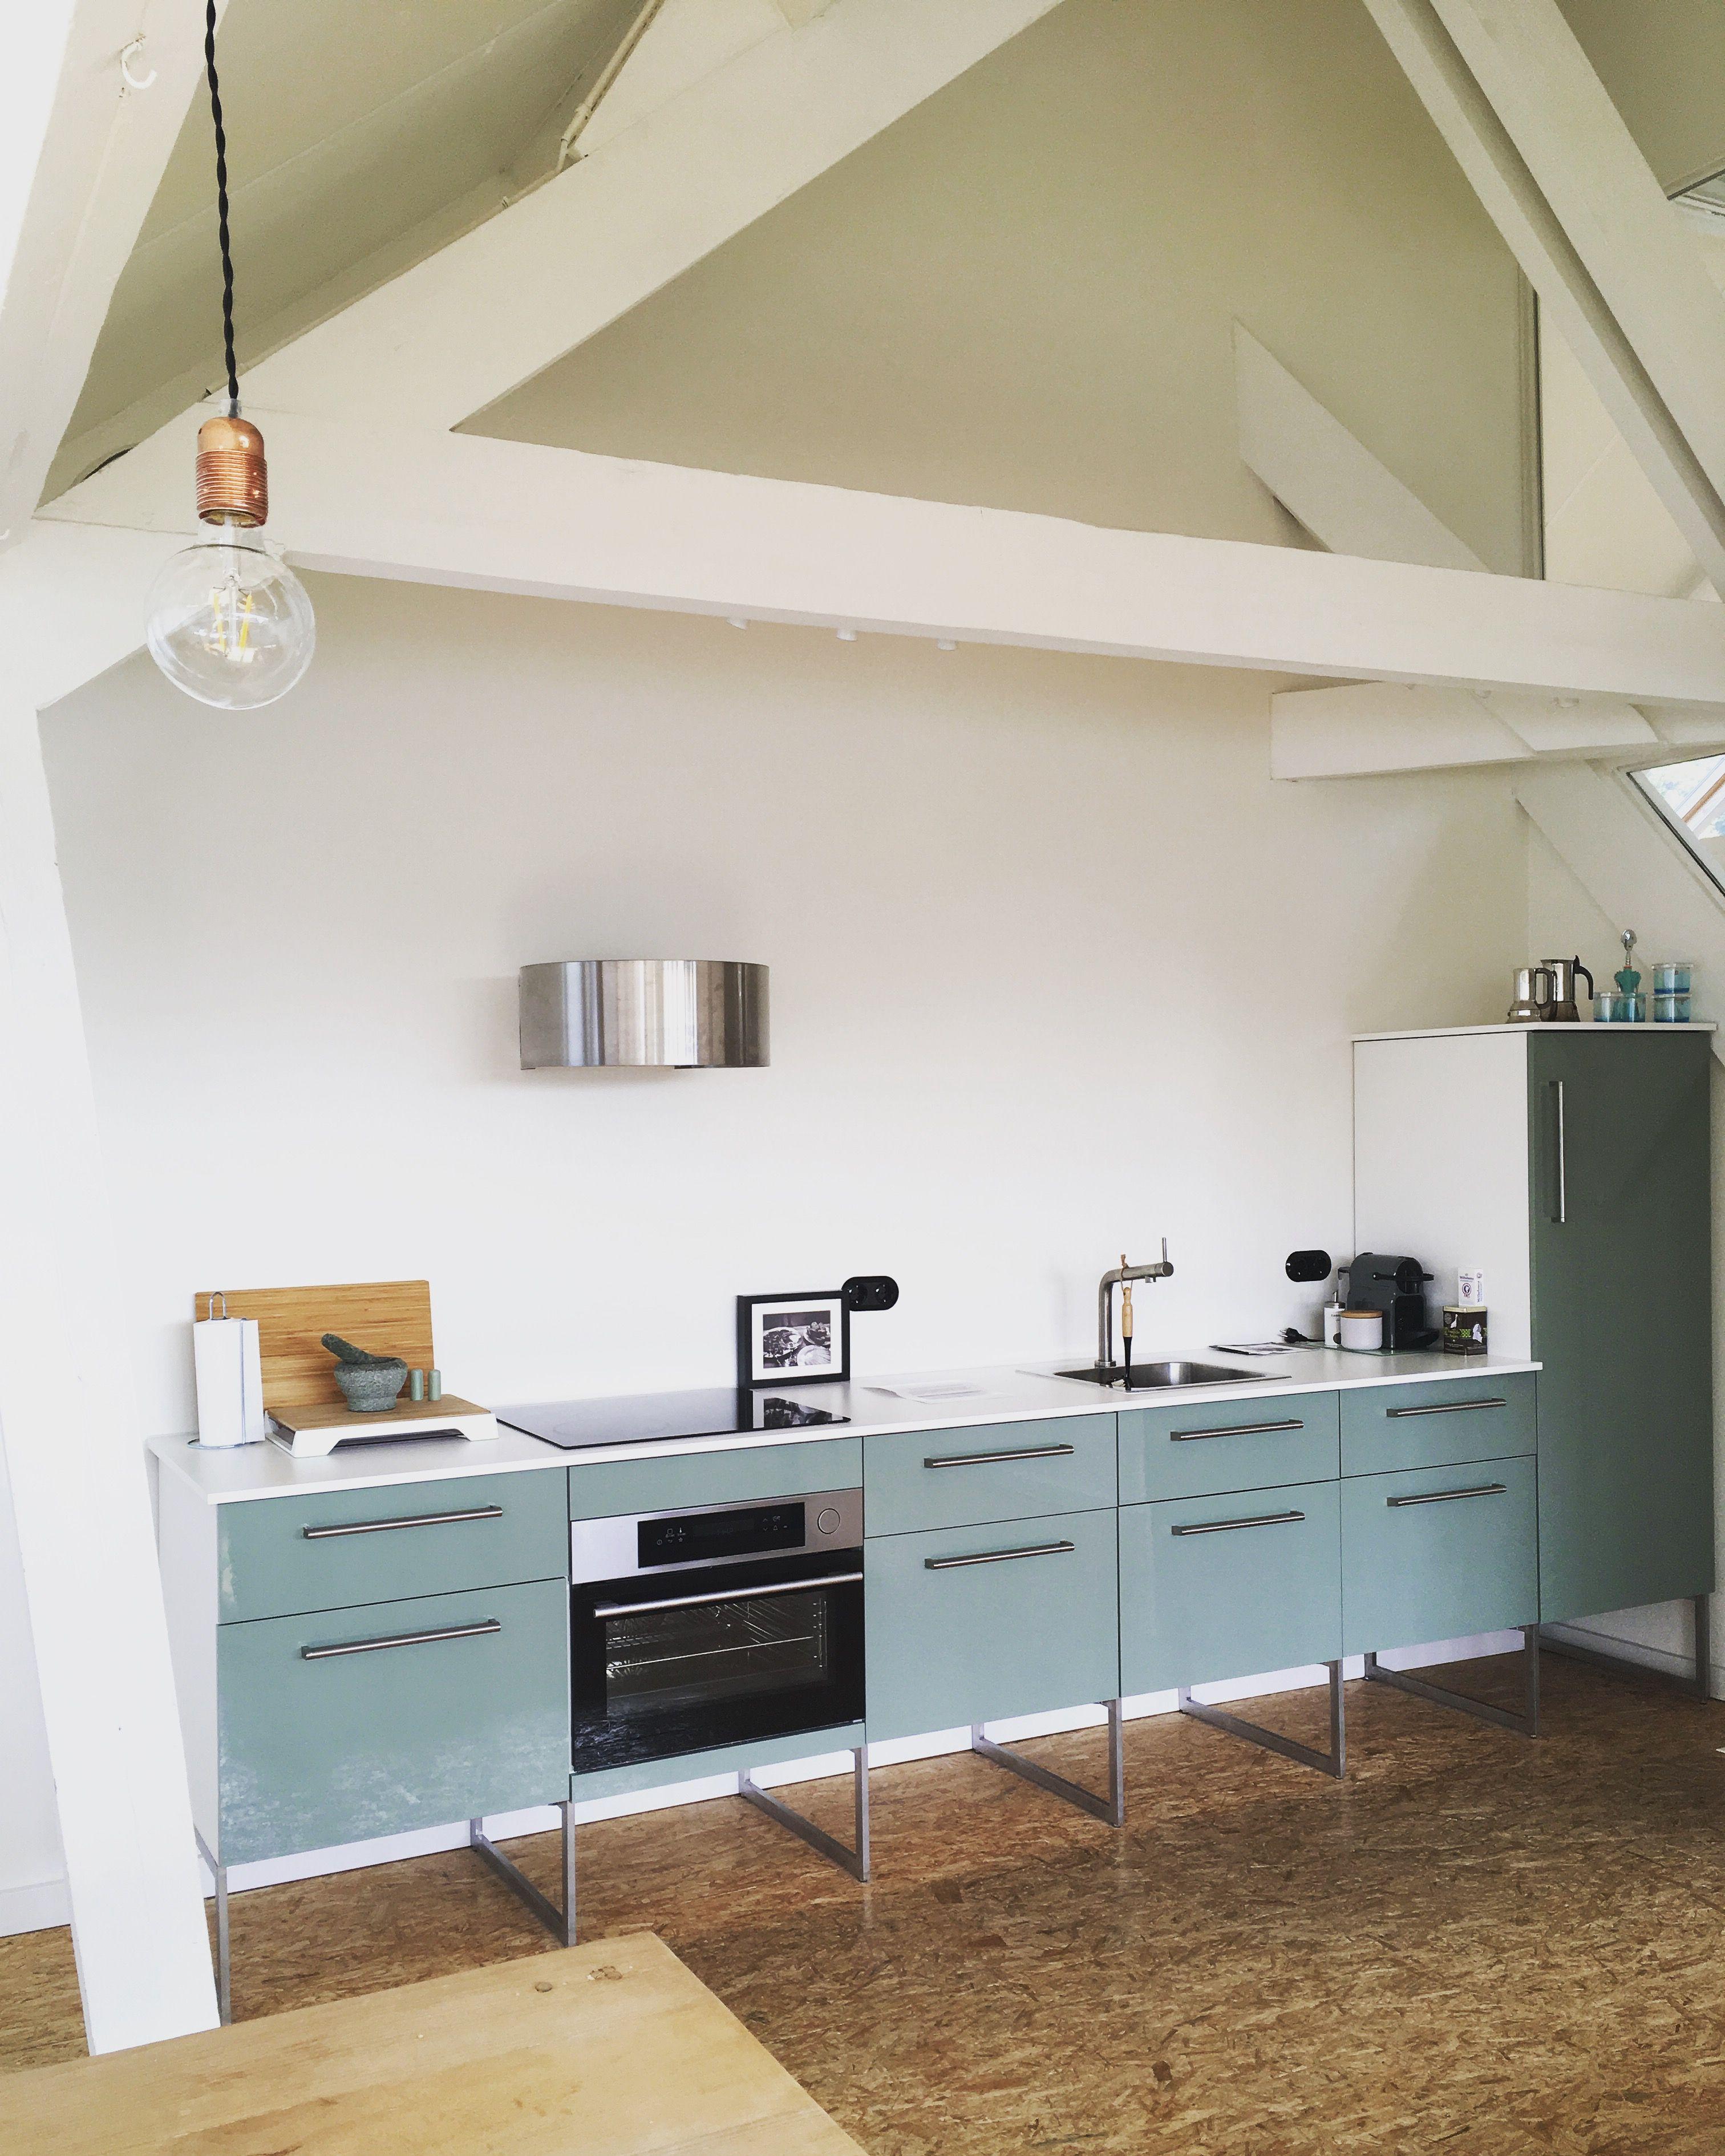 Green Ikea Kallarp Kitchen On The Attic Of The School